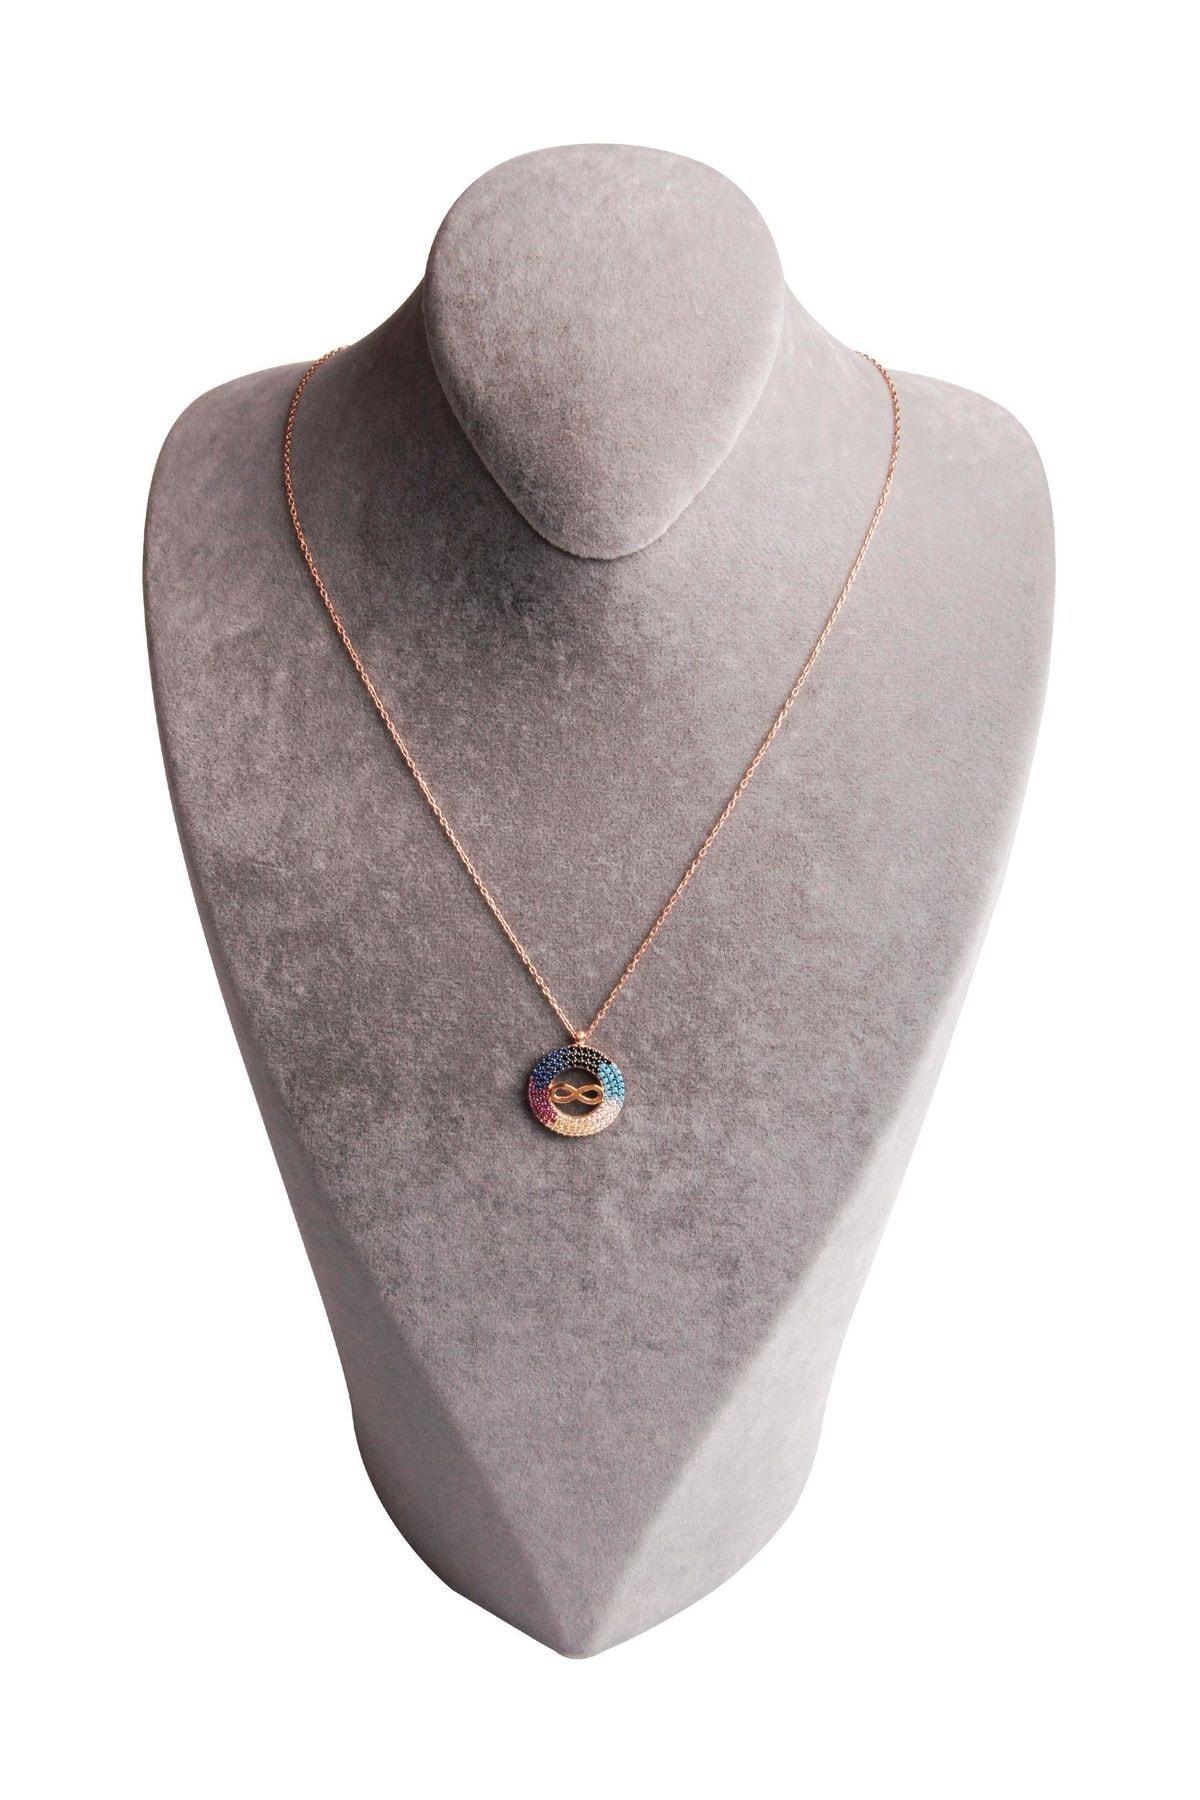 Sahra Renkli Zirkon Süslemeli Sonsuzluk Tasarım 925 Ayar Gümüş Kolye KLY-0066-21 2